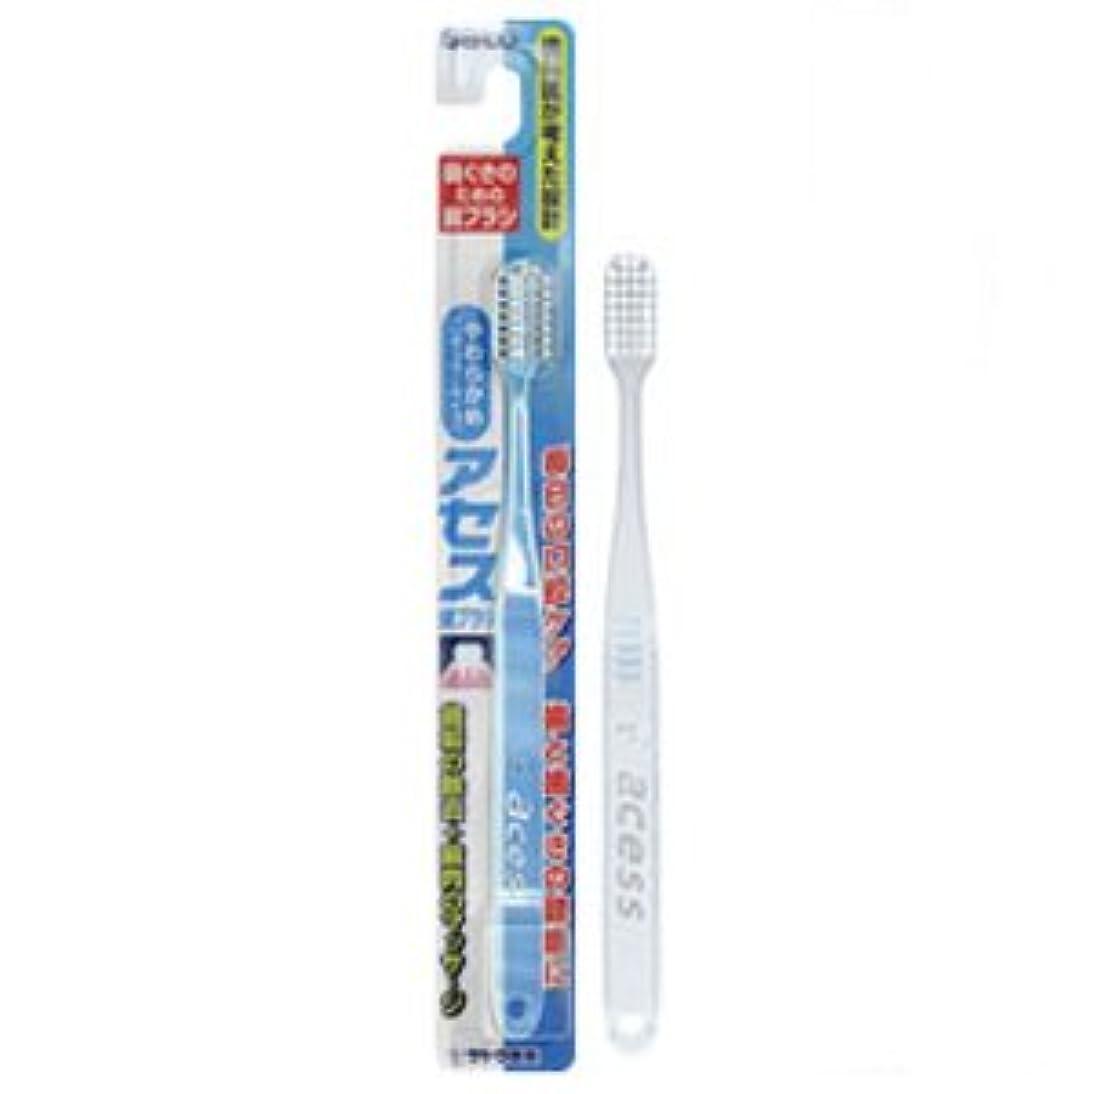 上院議員マークされたおしゃれなアセス歯ブラシ やわらかめ(レギュラータイプ) クリア 12本